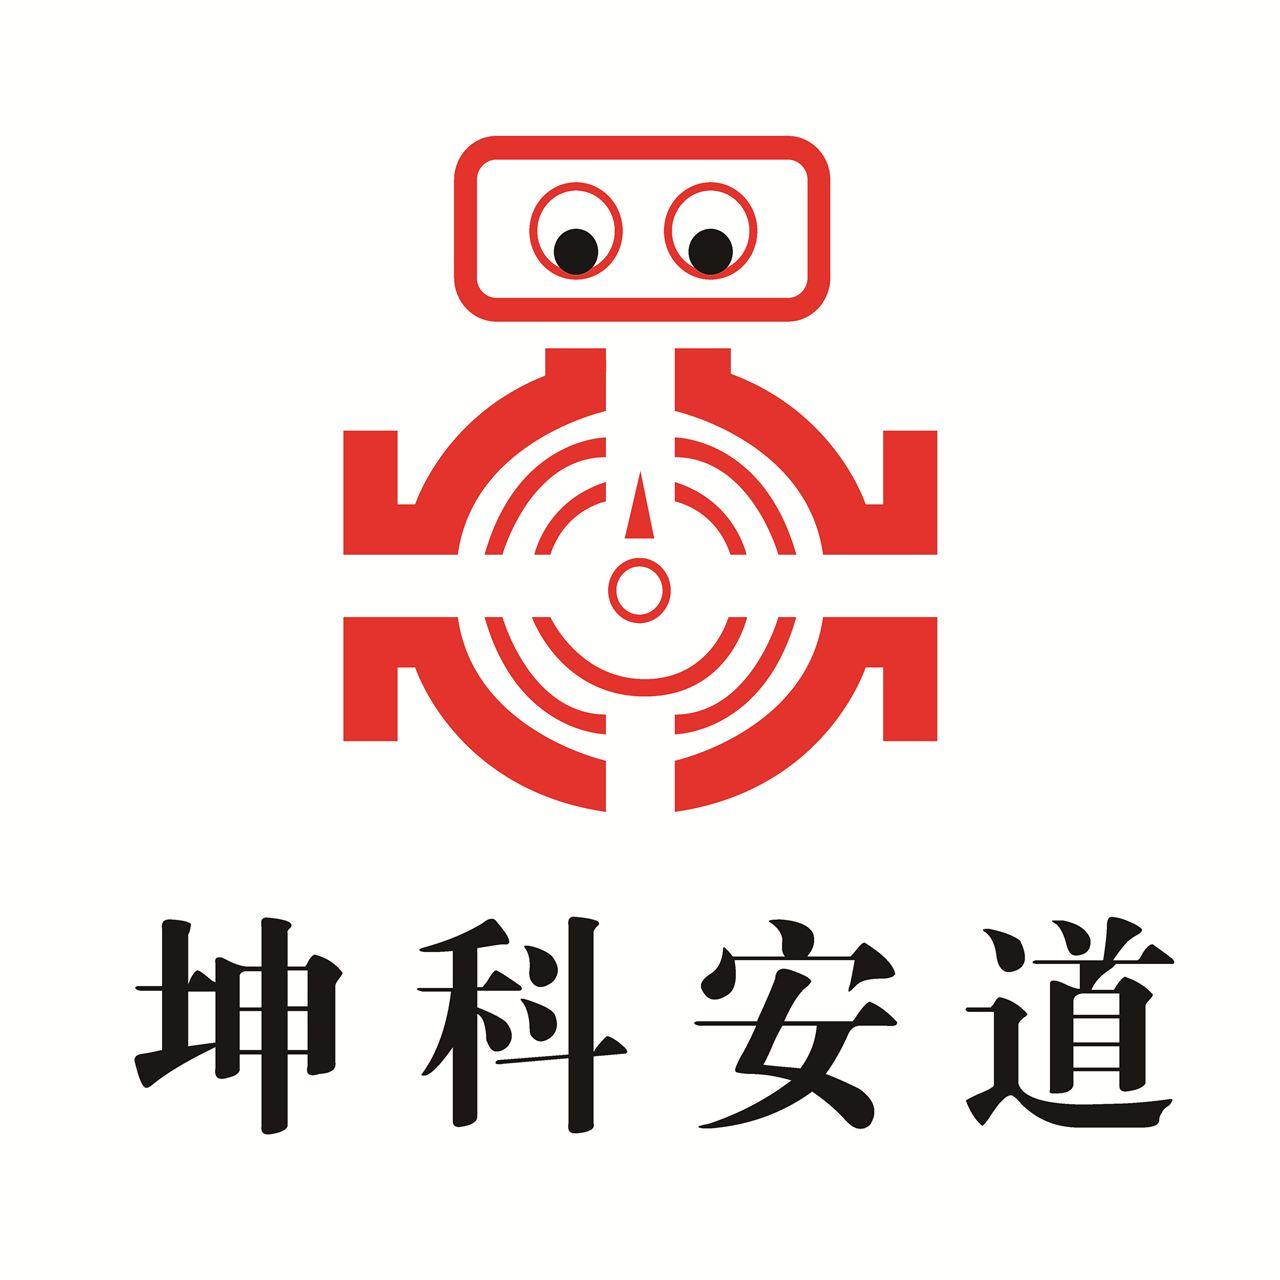 威海坤科流量仪表股份有限公司